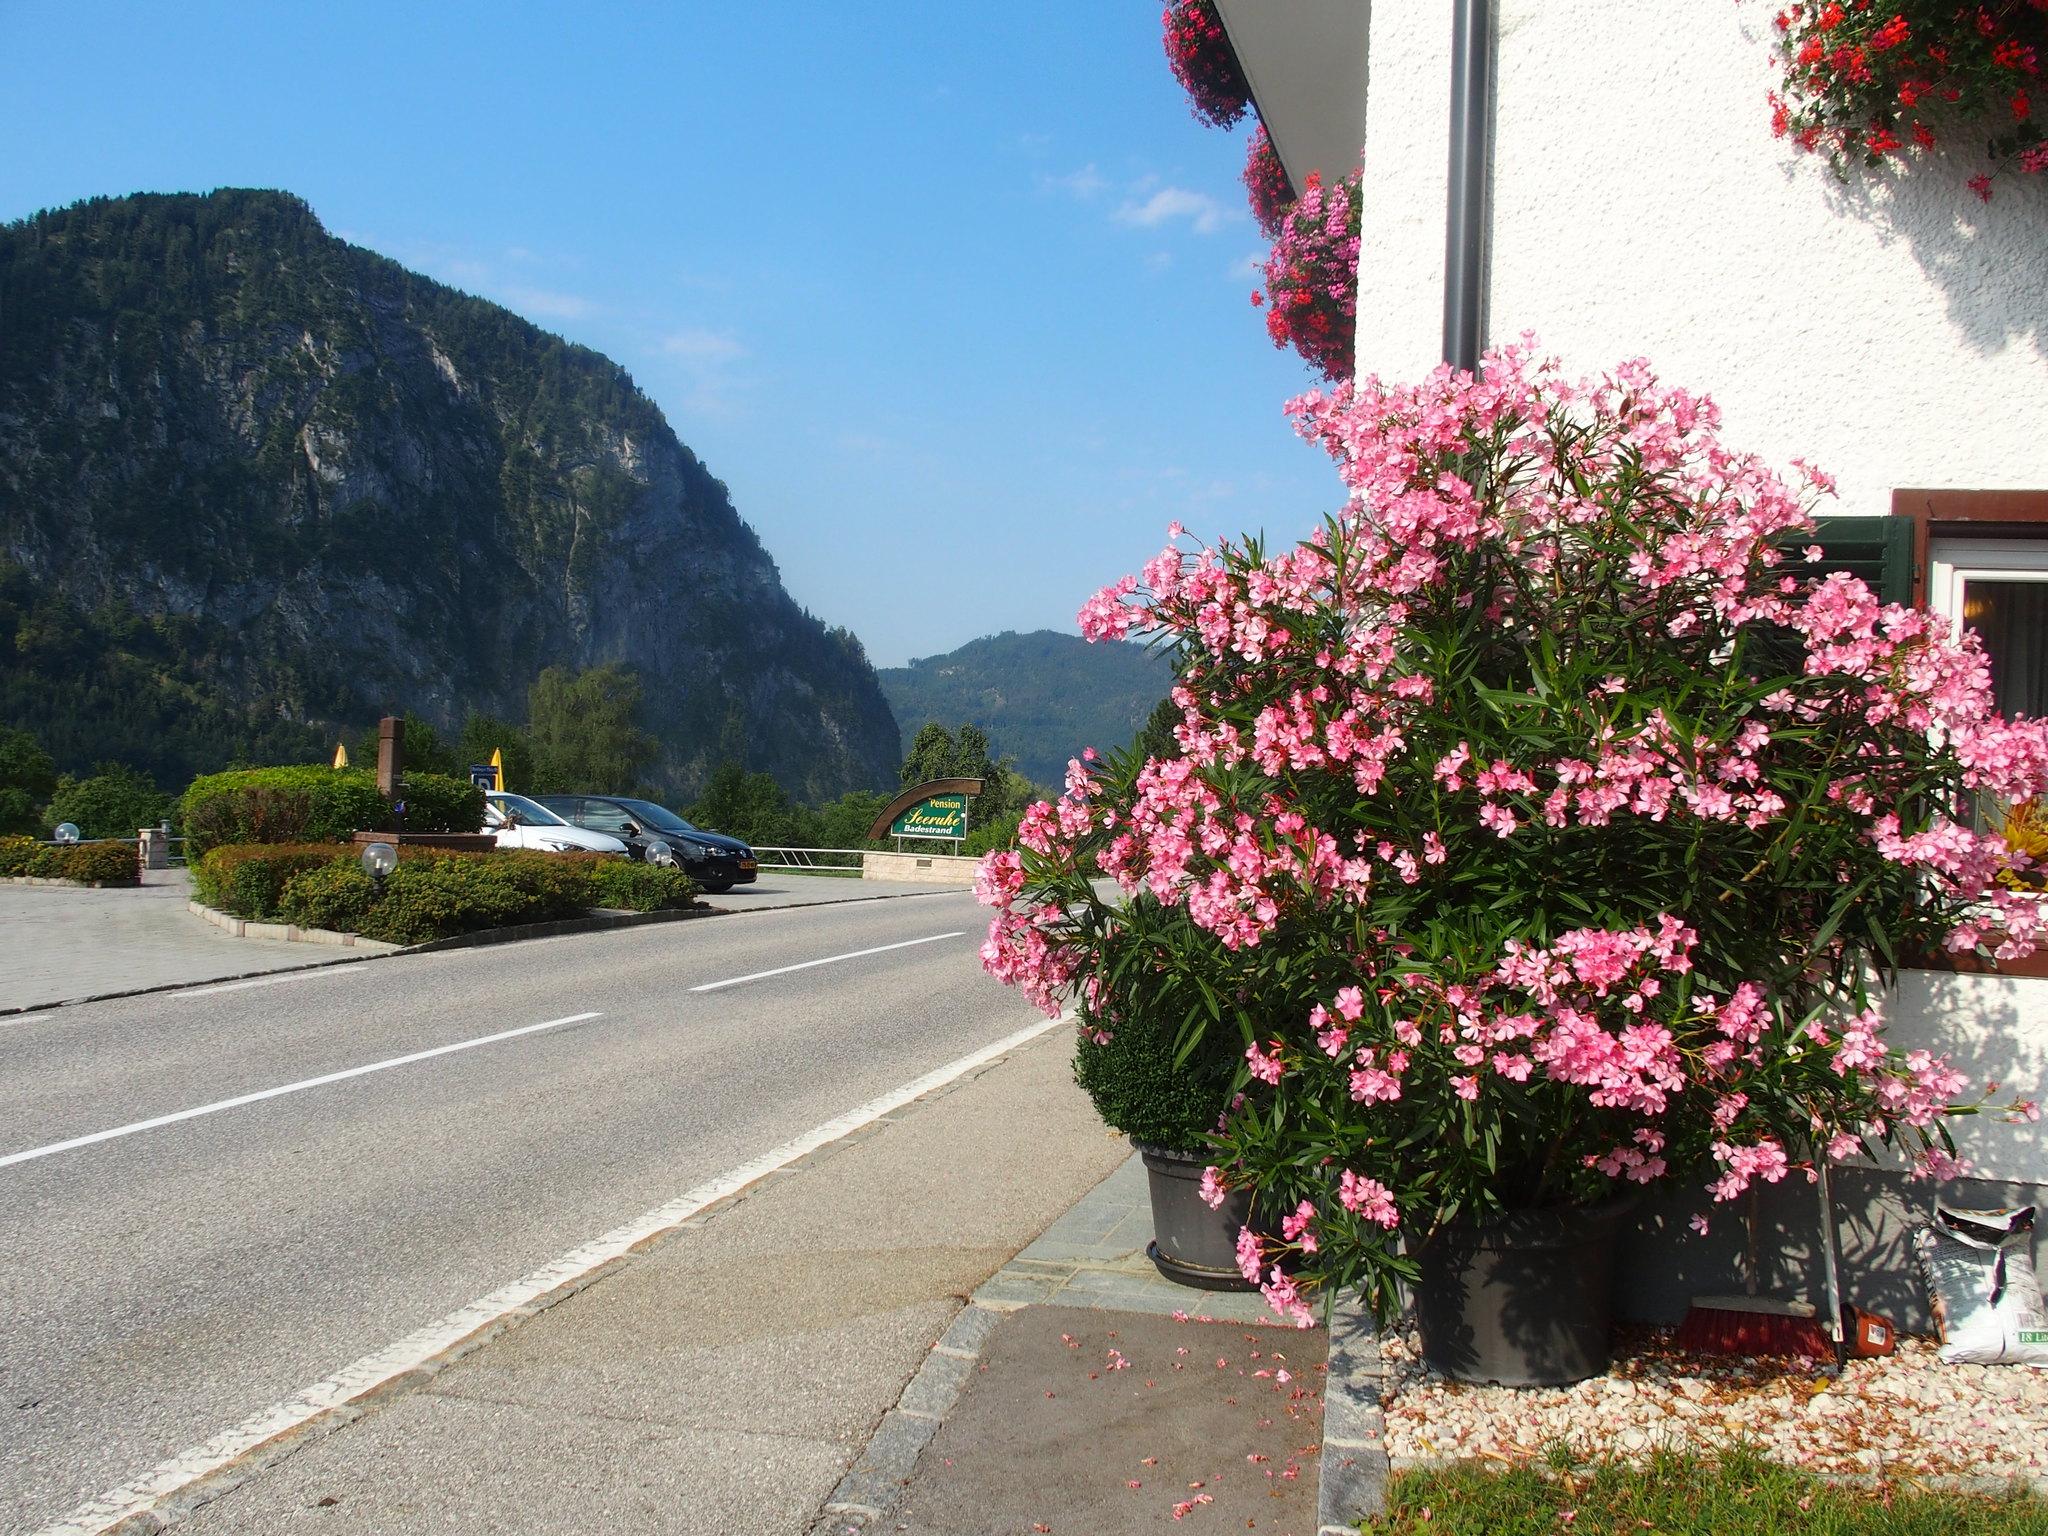 Hotell blomster